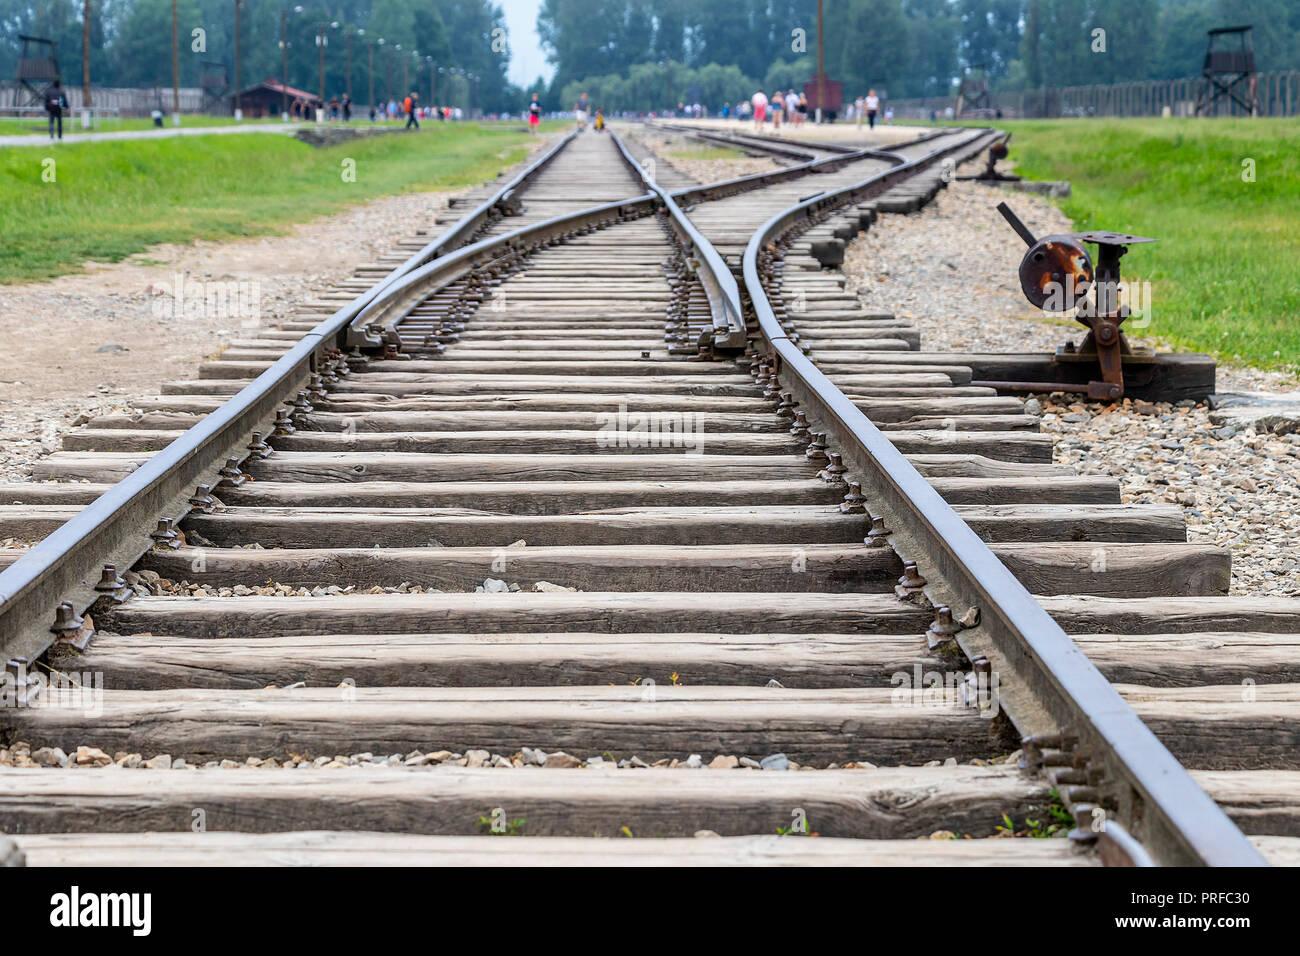 Railway Track Switches in Konzentrations- und Vernichtungslager Auschwitz errichtet und von Nazi-deutschland in deutschen Betrieben - Polen besetzt durch die Dritte Re Stockbild